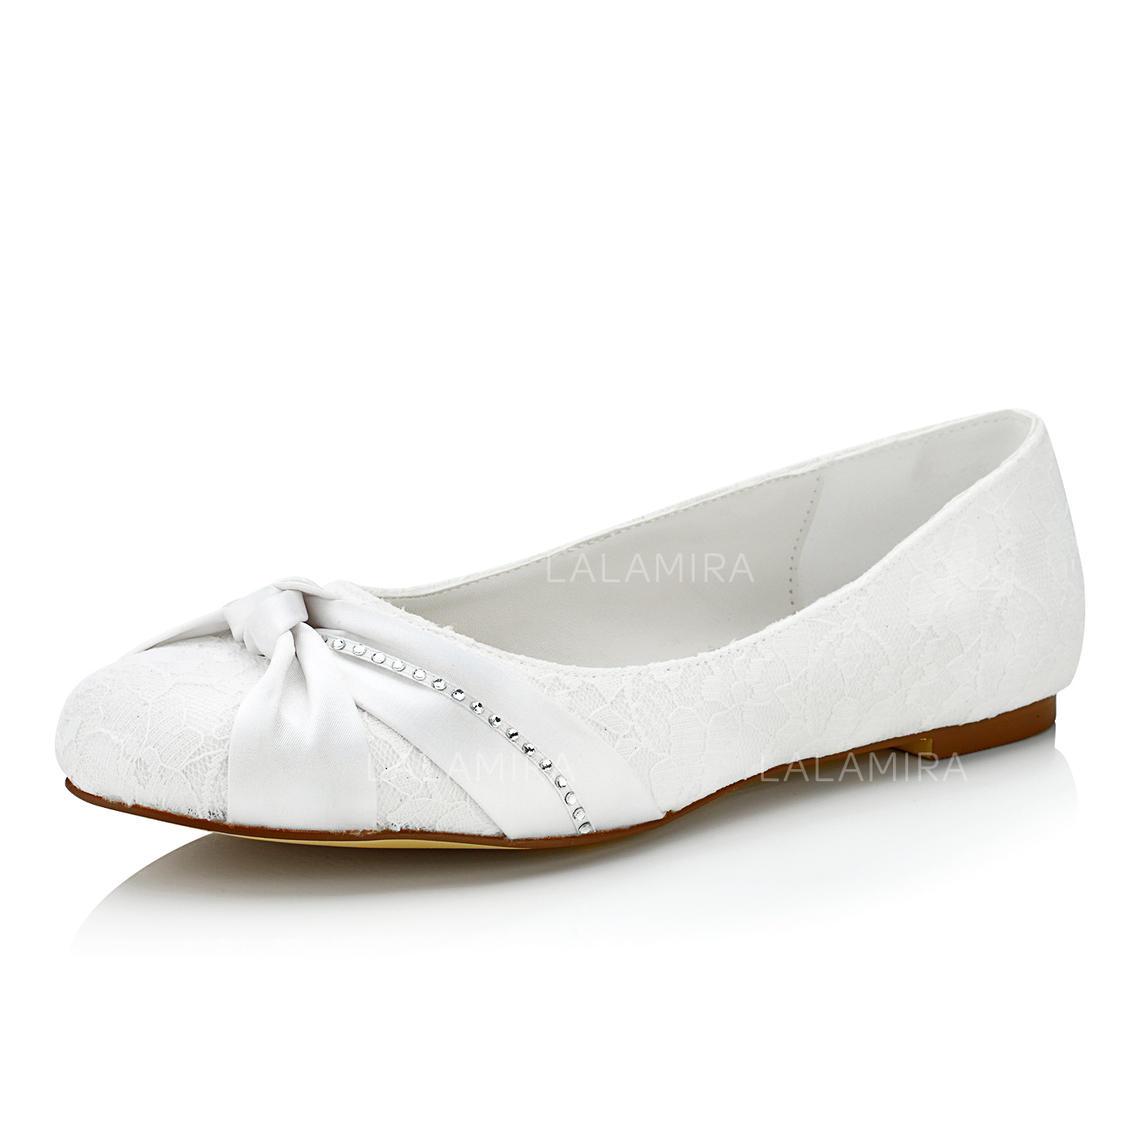 Femmes Chaussures Plates Talon Plat Dentelle Avec Plisse Chaussures De Mariage 047102647